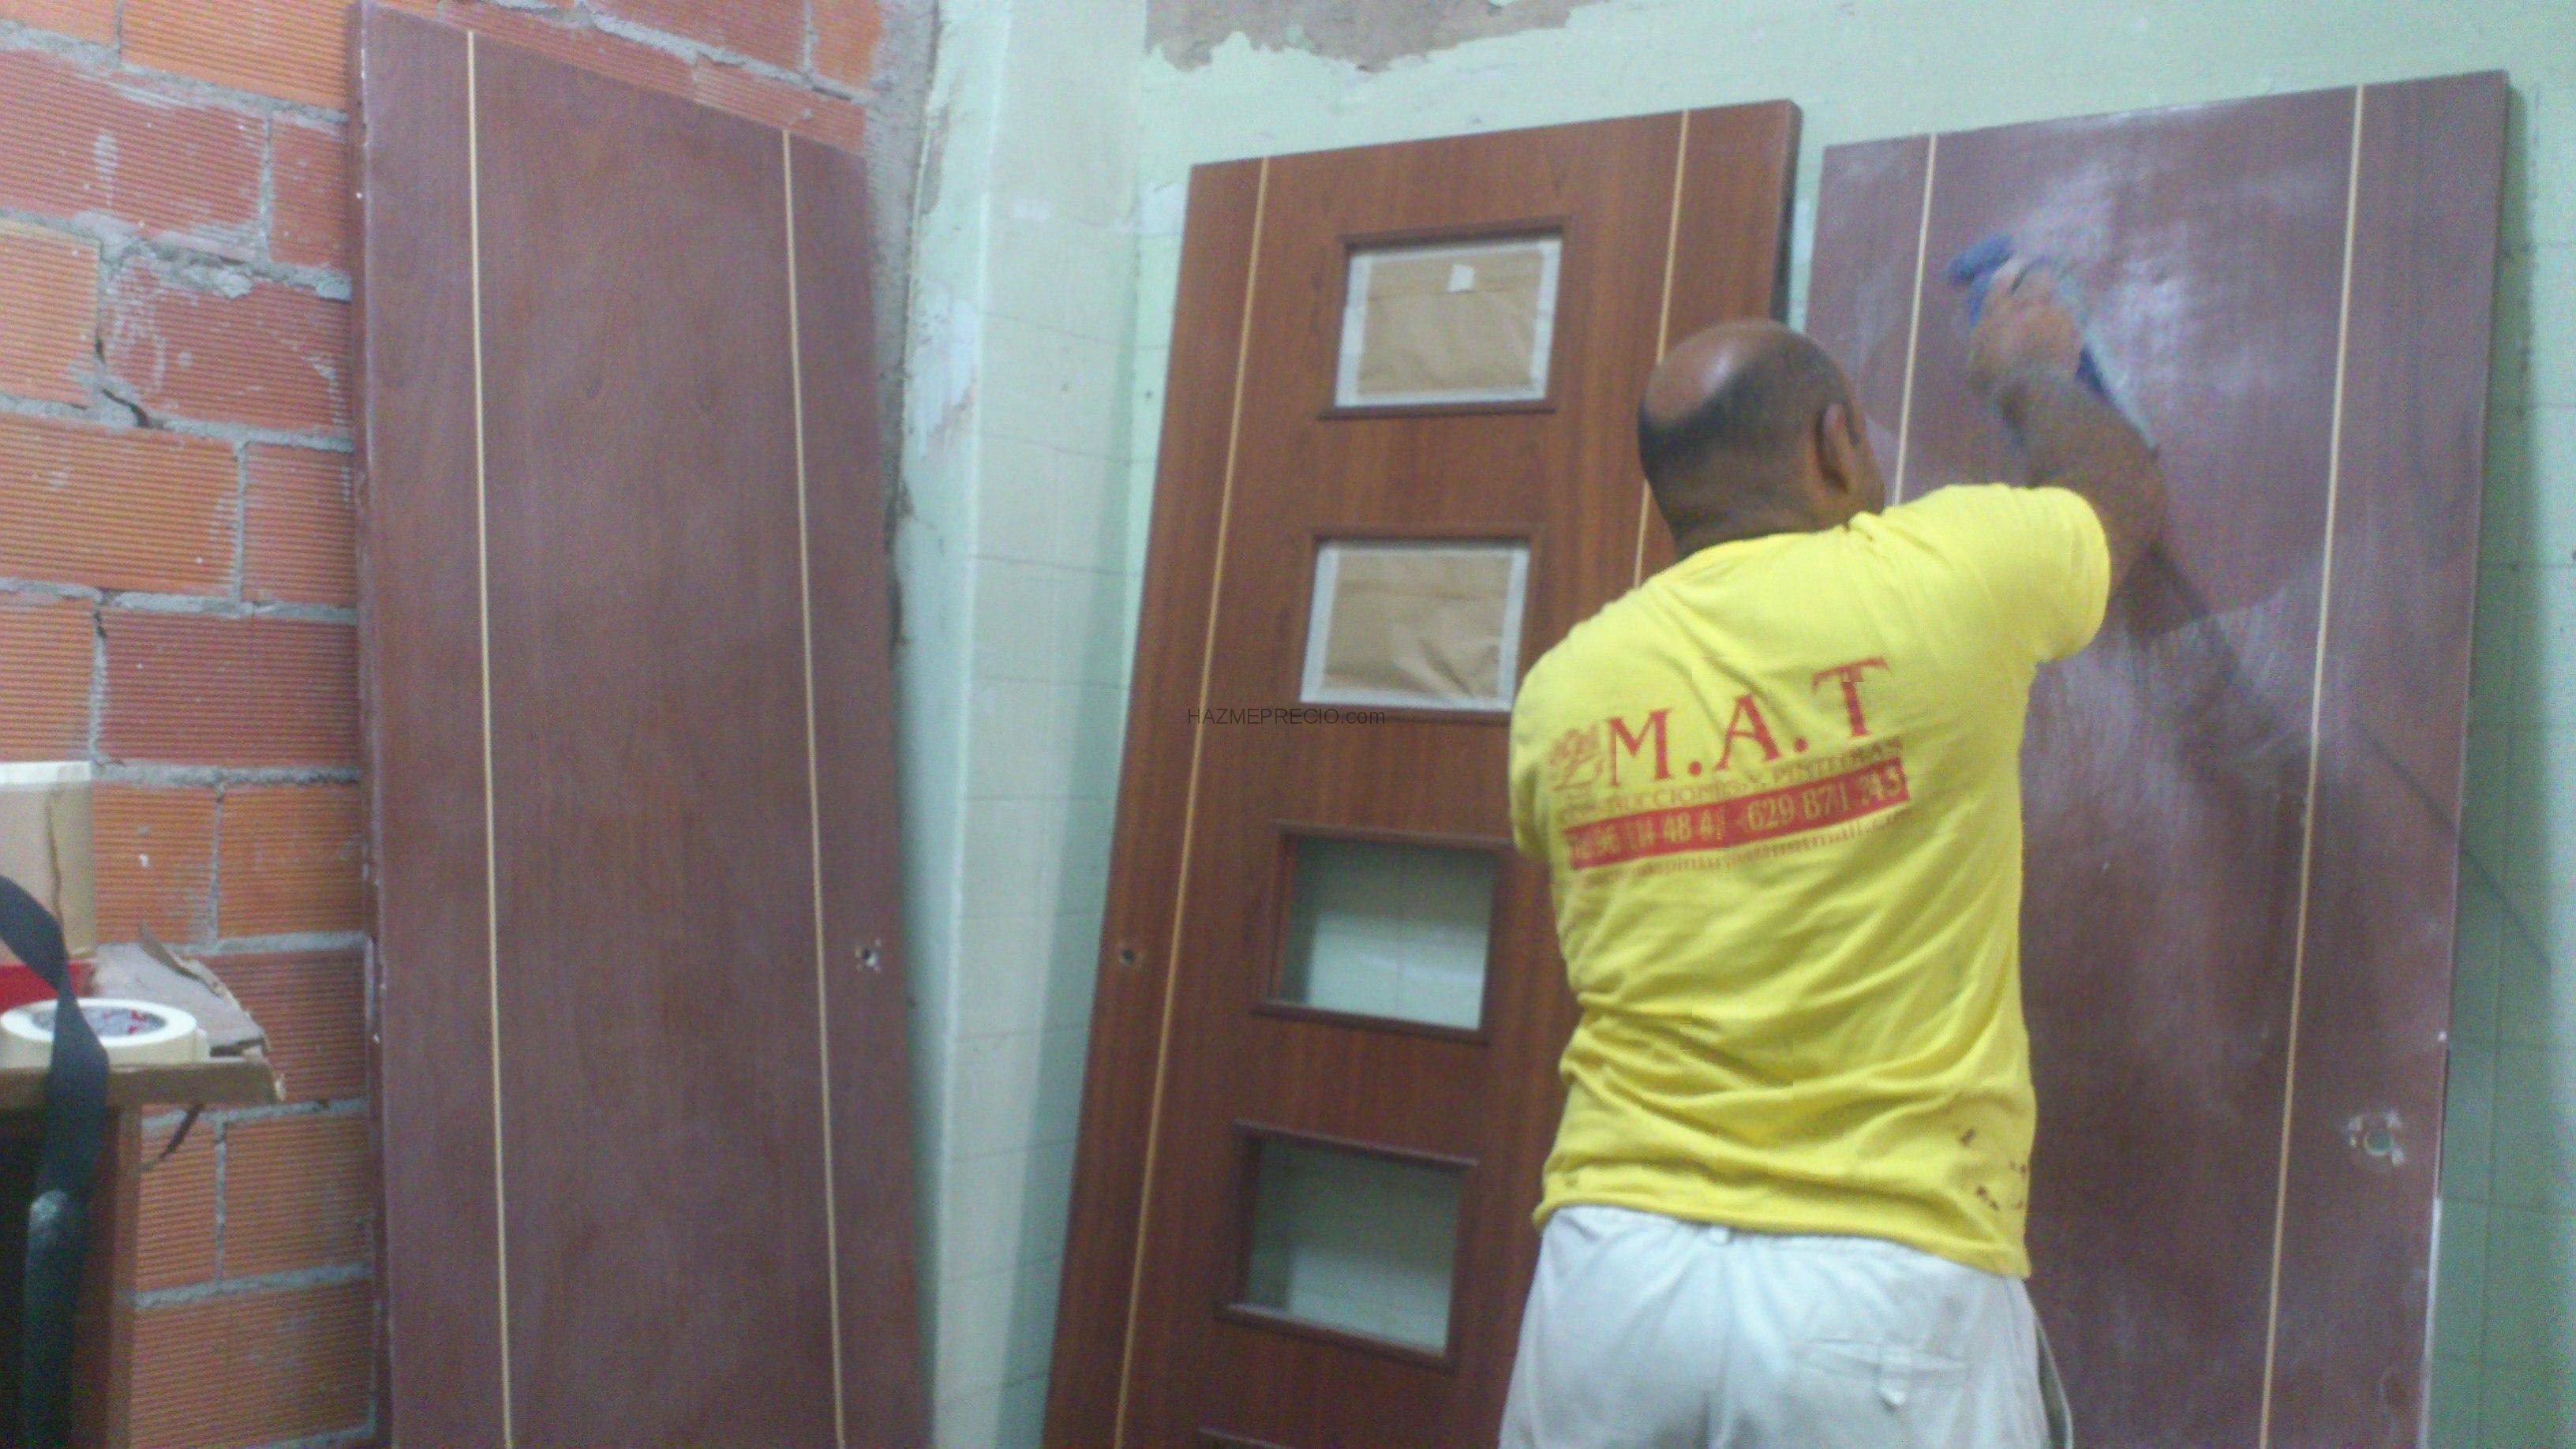 Miguel tomas pinturas reforma y construccion 46018 for Caseton puerta corredera precios